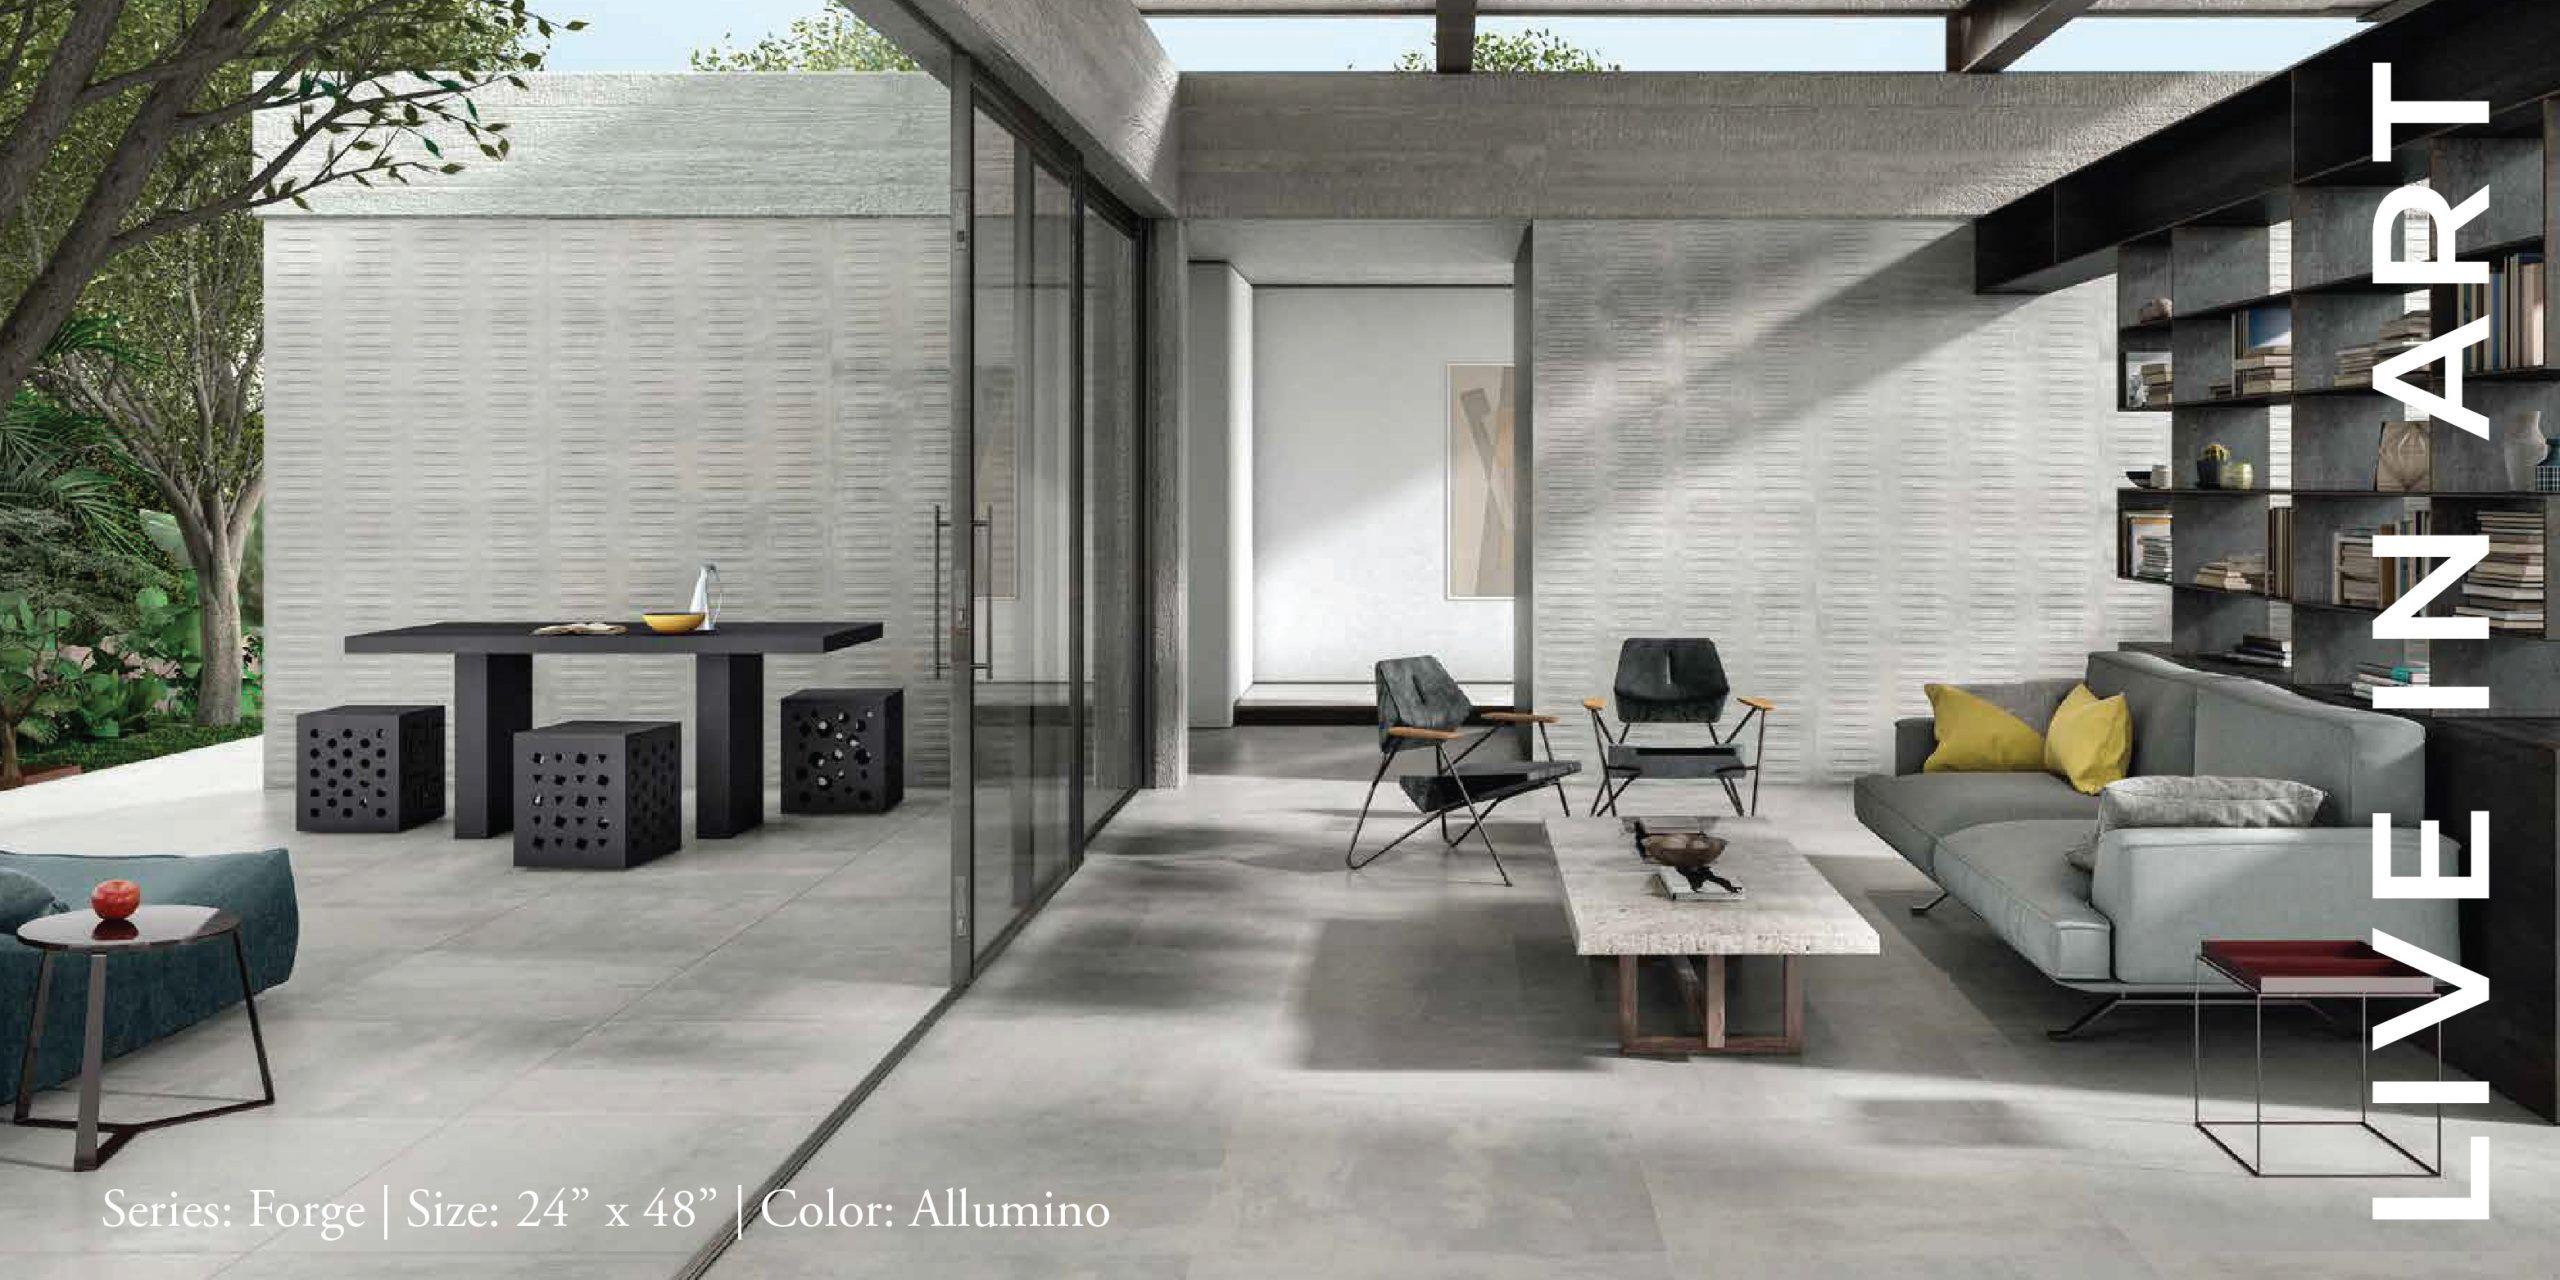 Forge Alluminio 24x48